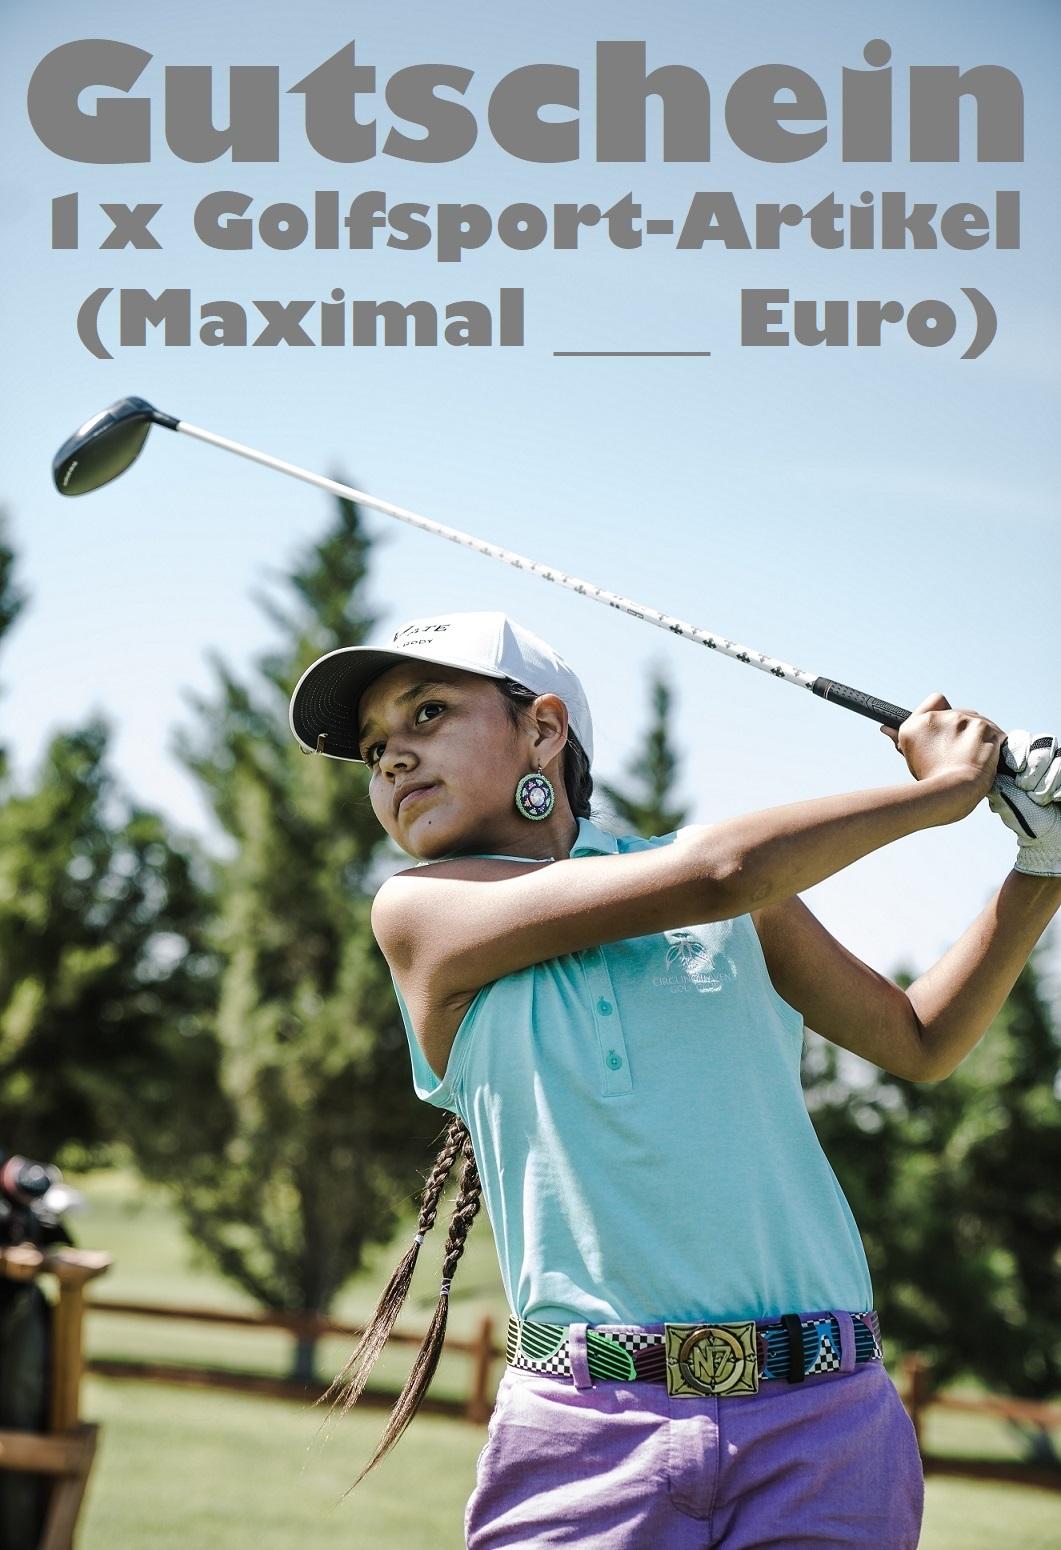 Gutscheinvorlage für den Golfsport